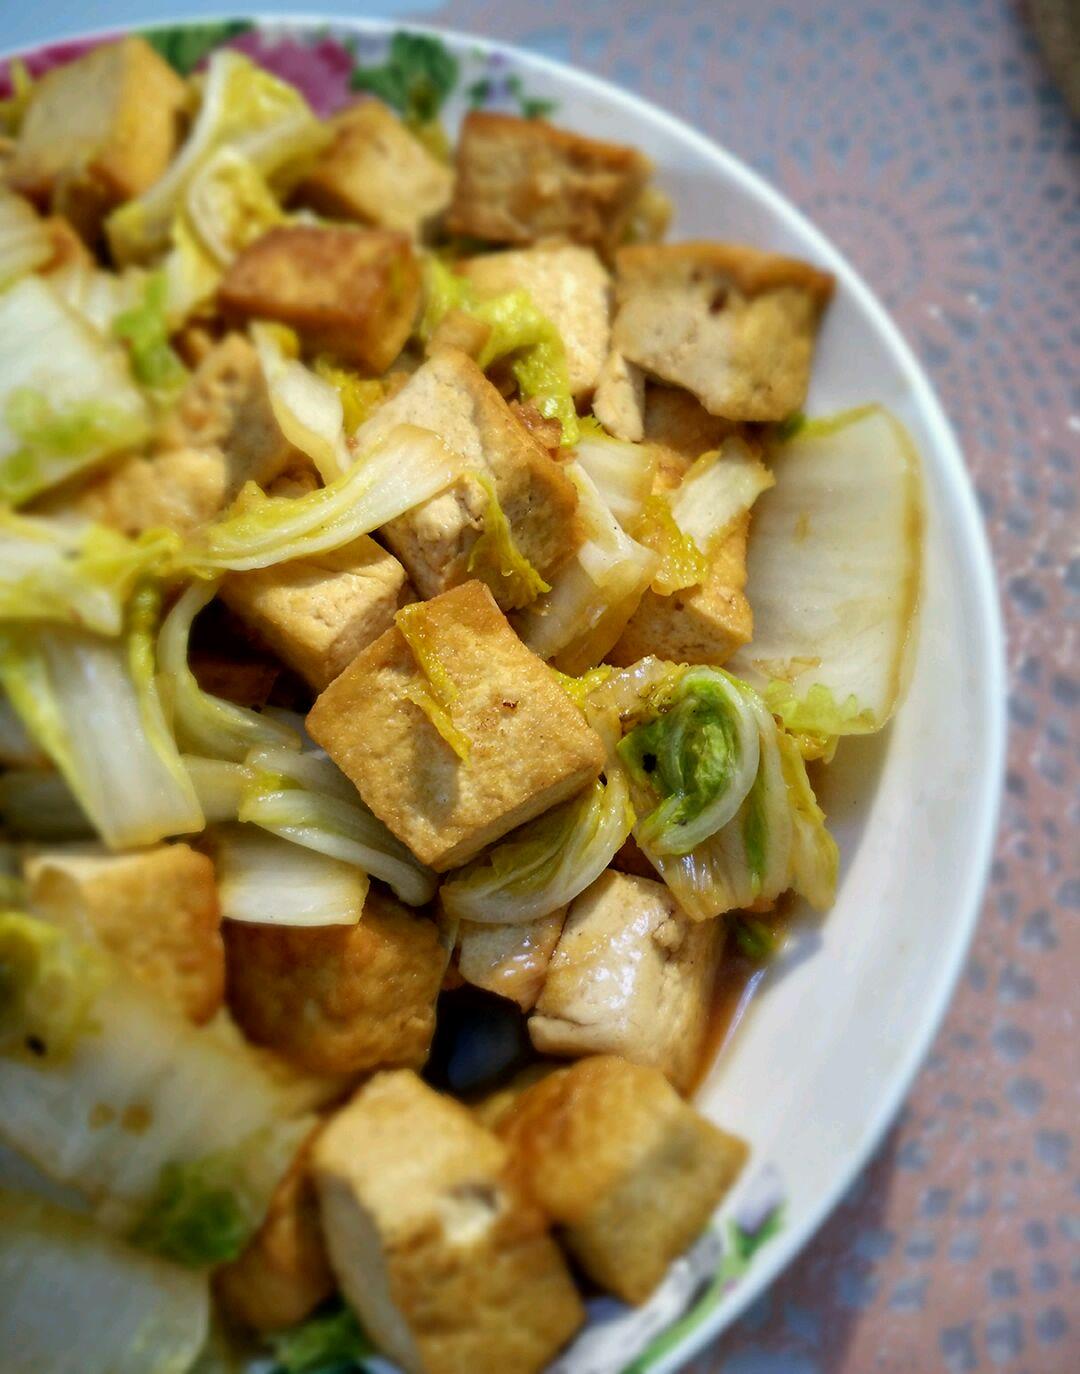 白菜家常做法的豆腐合家欢家常菜廊坊图片